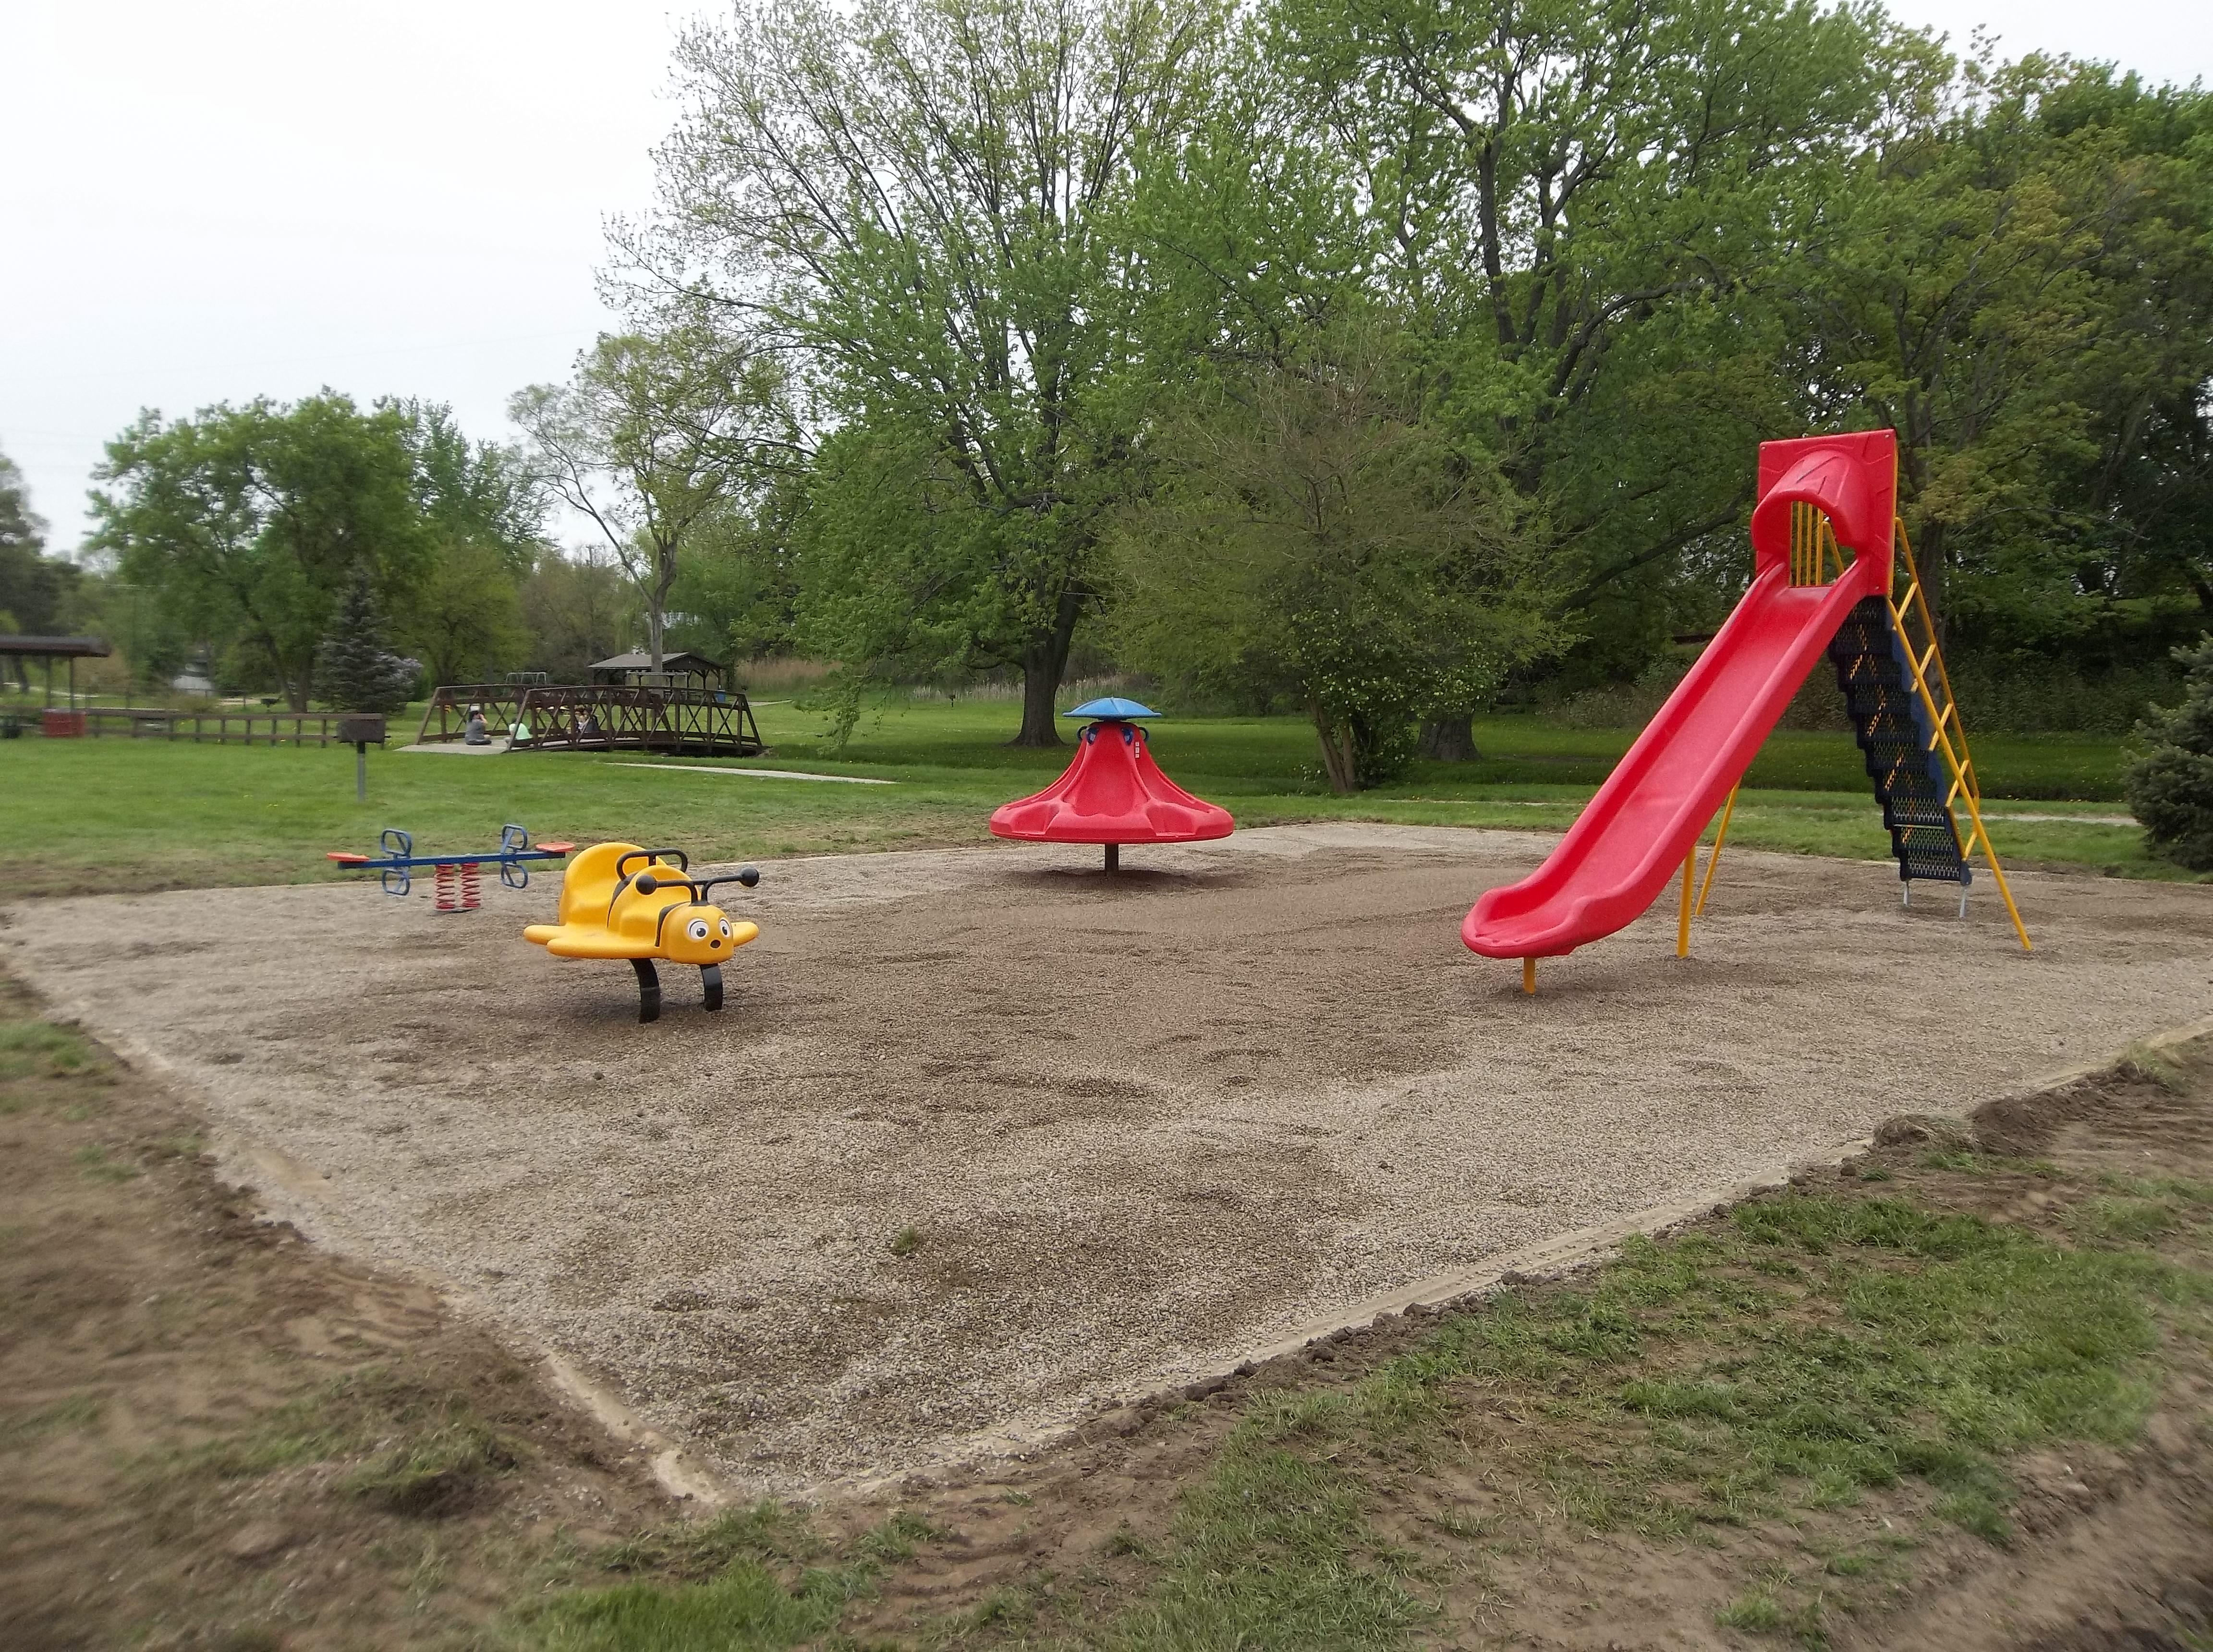 Michigan genesee county clio - Playground